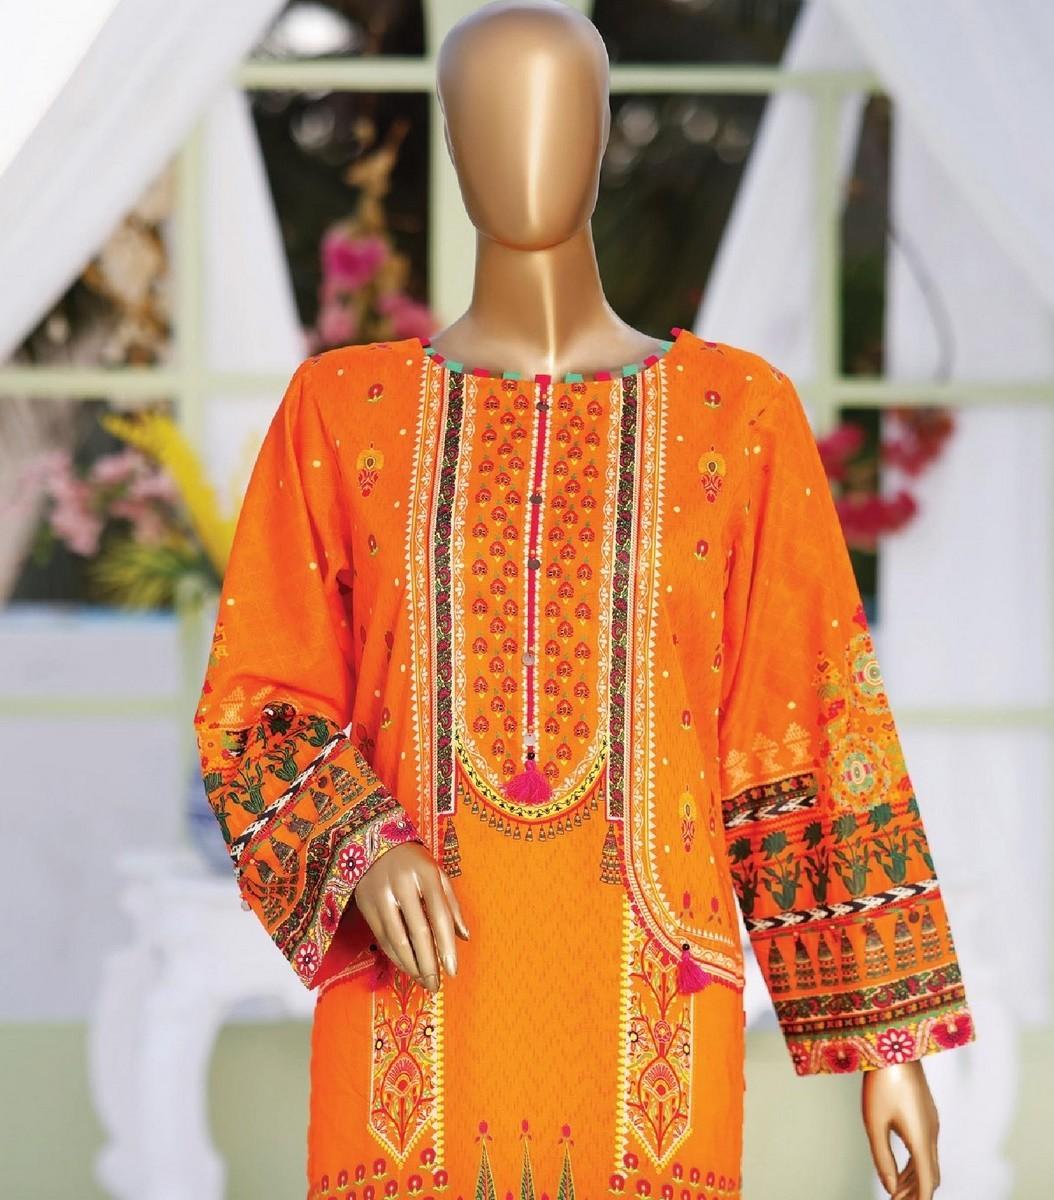 /2021/05/sadabahar-stitched-print-kurtis21-d-02-image1.jpeg